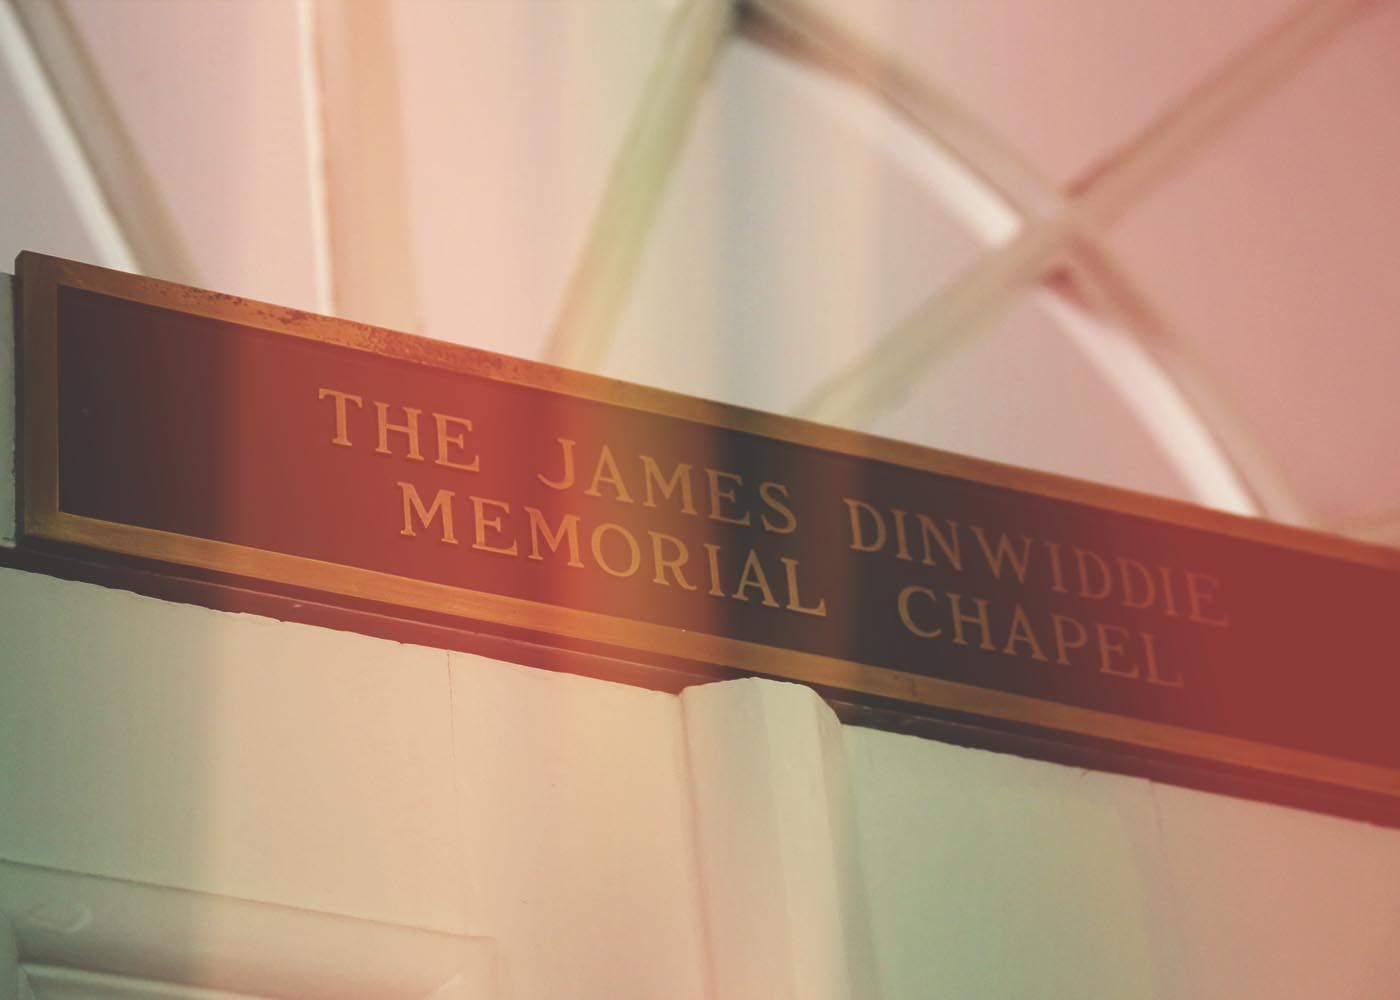 Dinwiddie Chapel on campus.